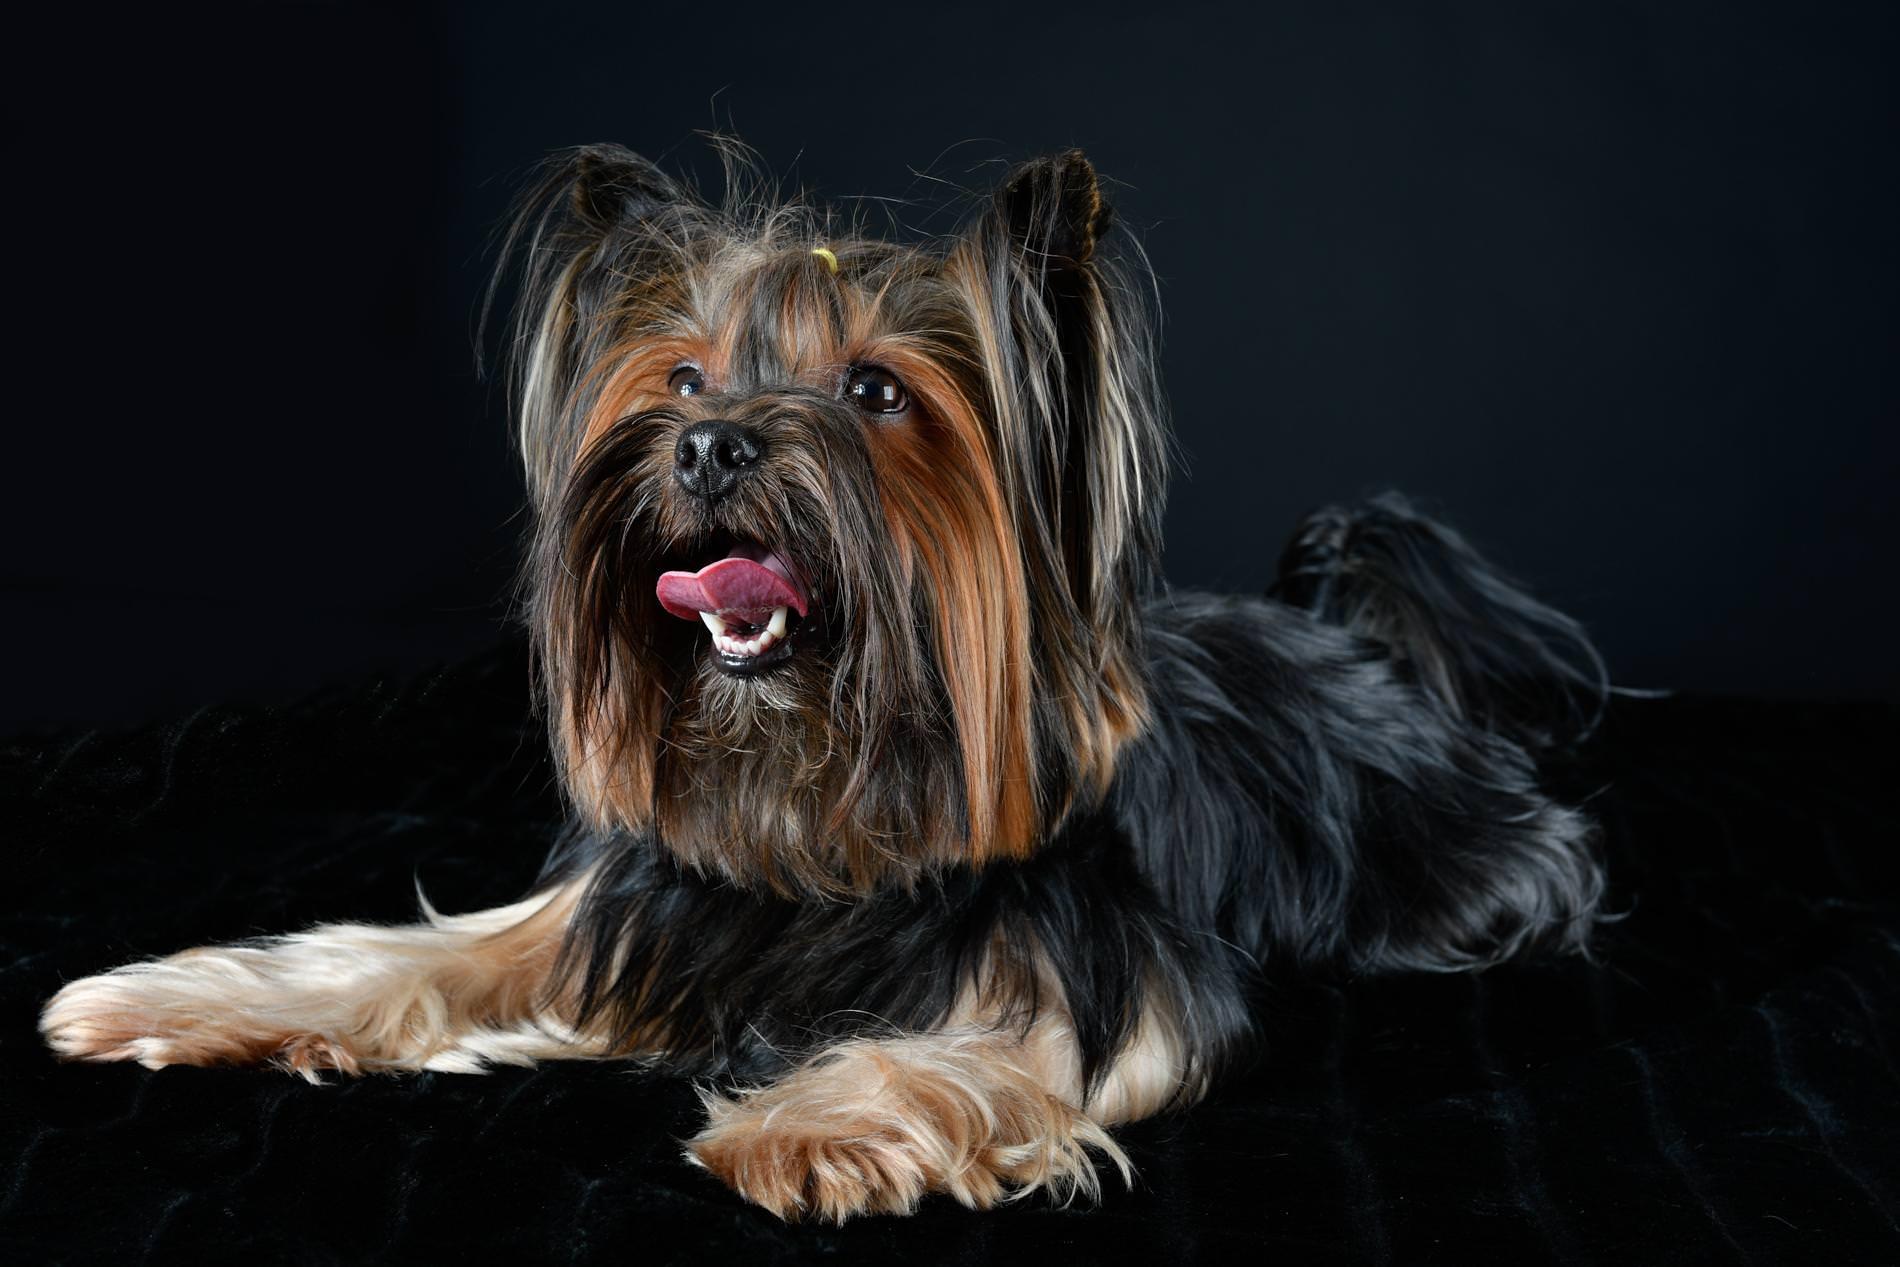 Yorkshirski terier Spajki v fotografskem studiu, fotografiranje psov v studiu, pasja fotografija